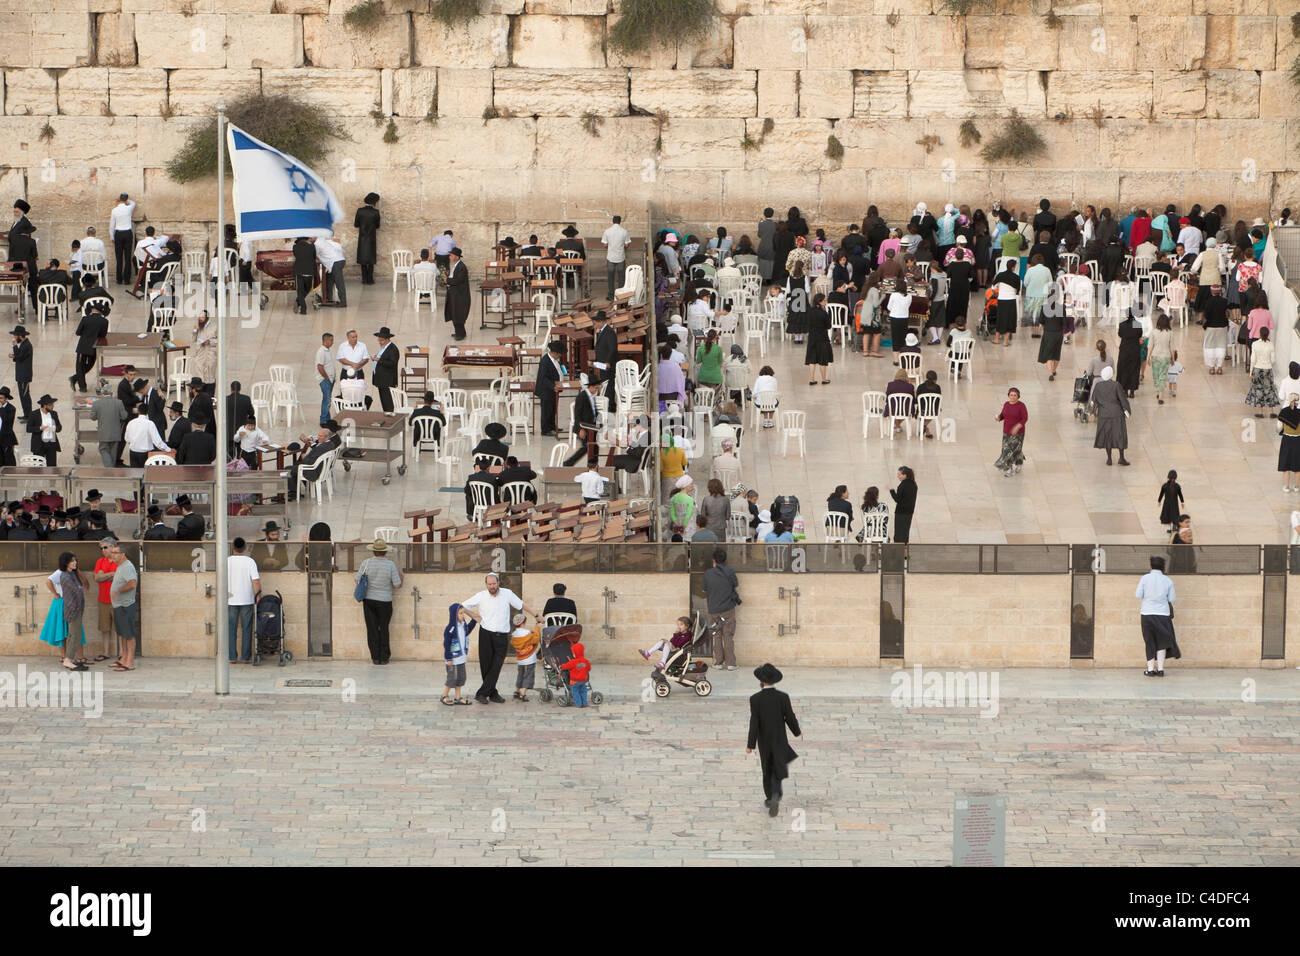 Hombres y mujeres judíos orar en secciones separadas del Muro de las Lamentaciones, Jerusalén, Israel. Imagen De Stock